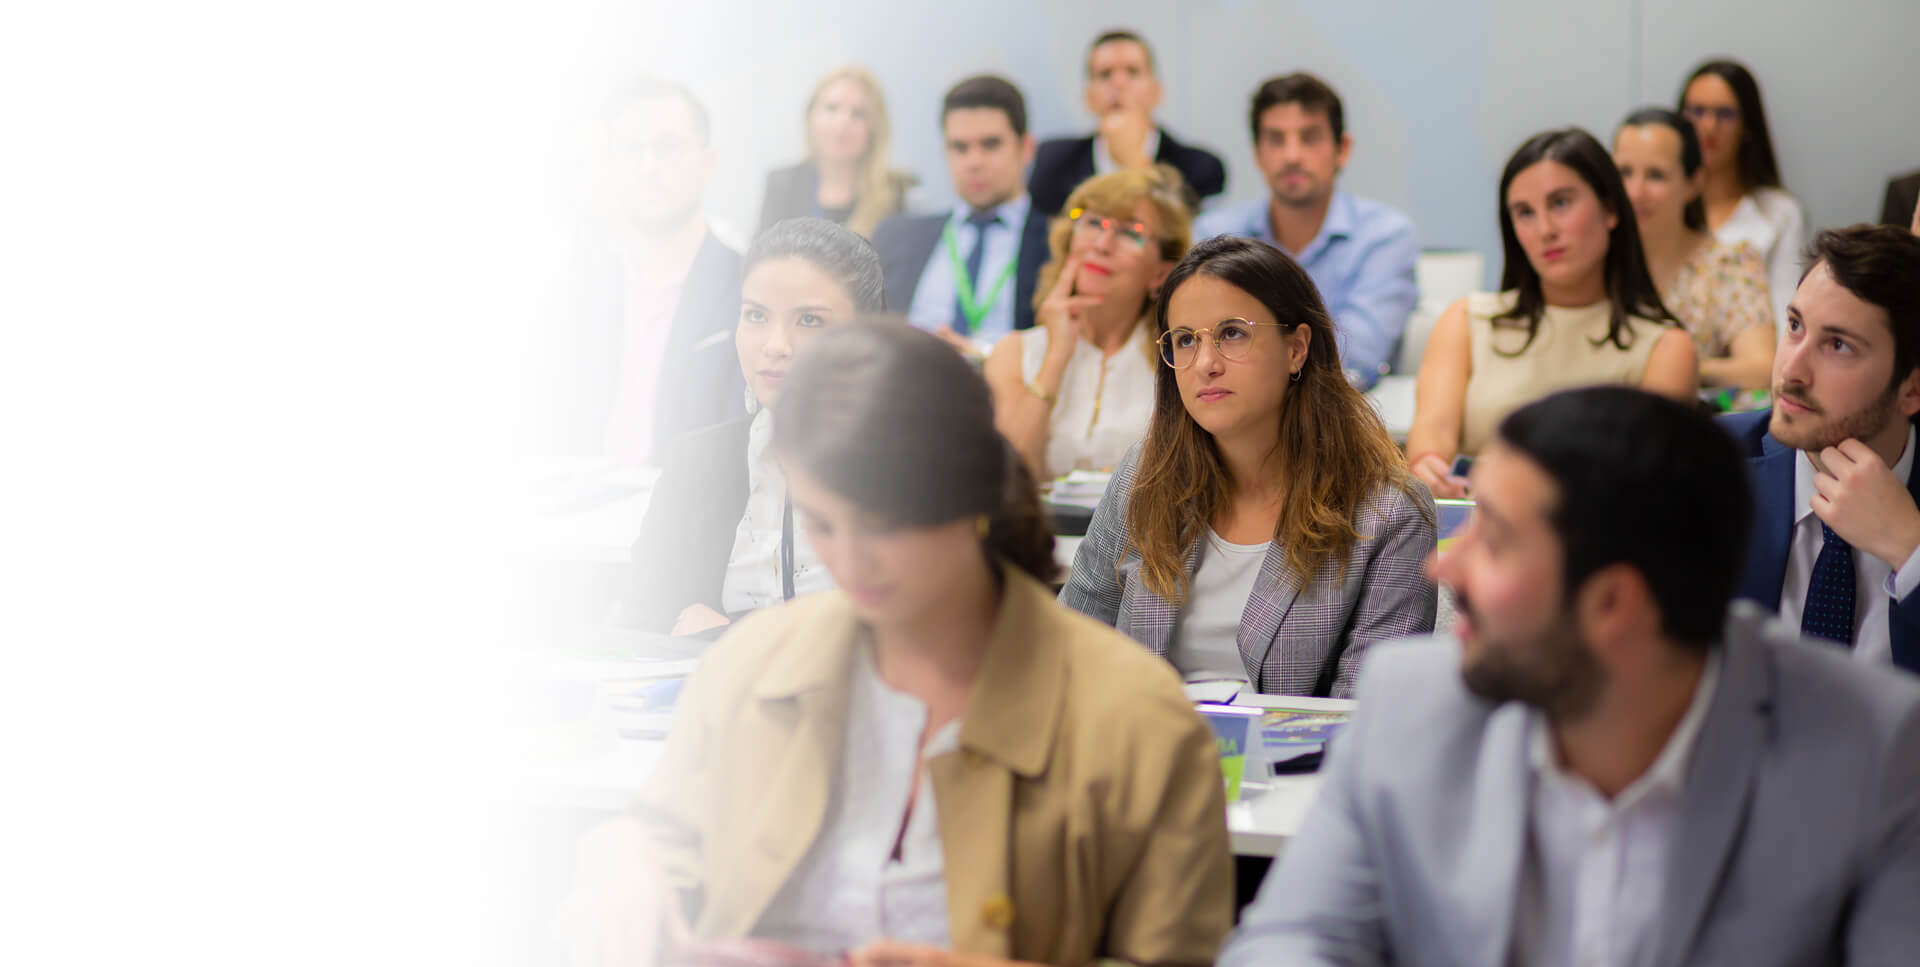 <span class='lightslide'>Máster universitario en<br />gestión y dirección<br />aeroportuaria y aeronaútica<br />(MGDA UDIMA).</span>